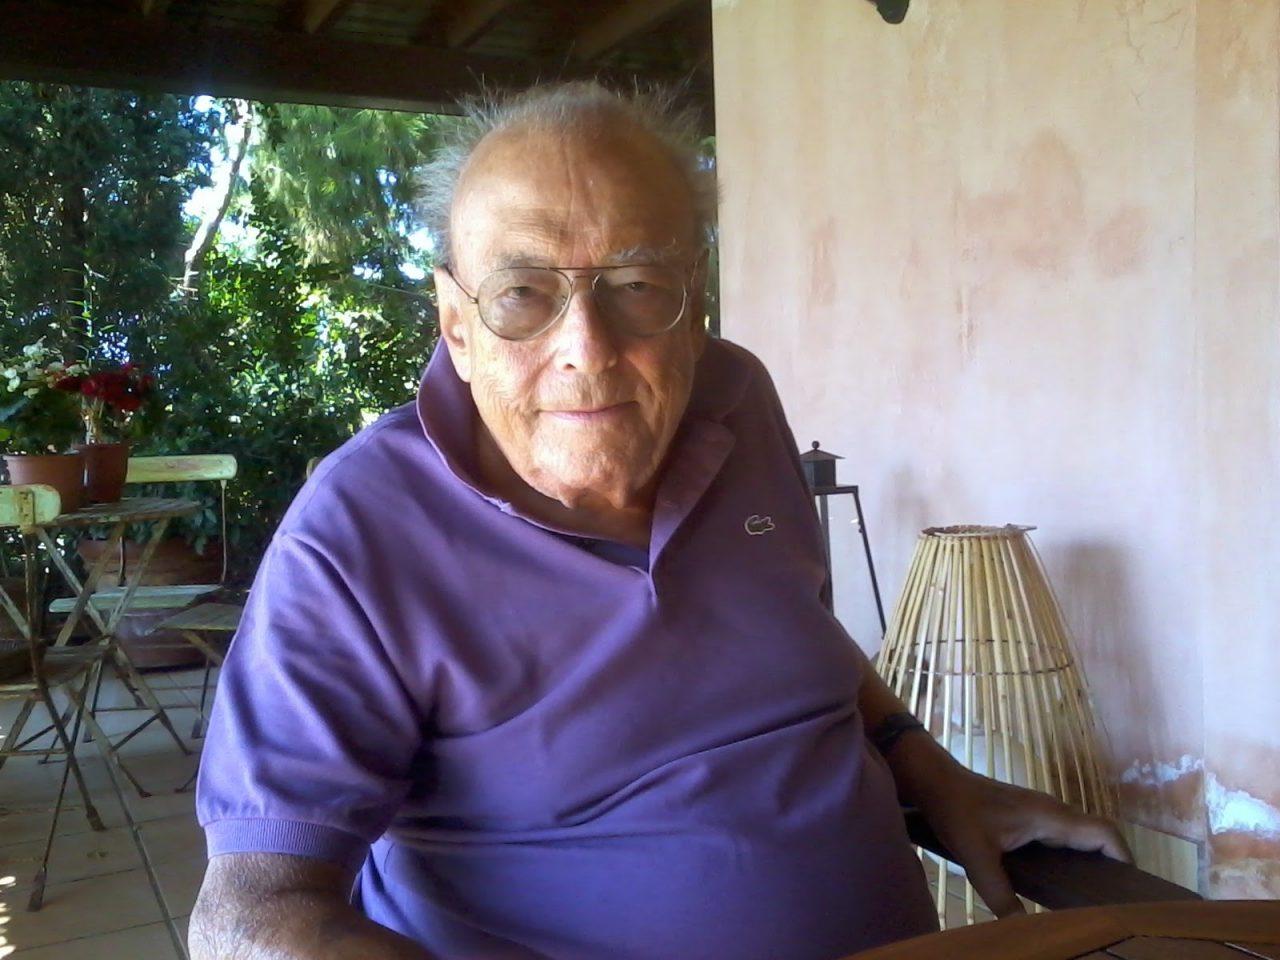 Πέθανε ο Κάρολος Φιξ, της διάσημης μπίρας